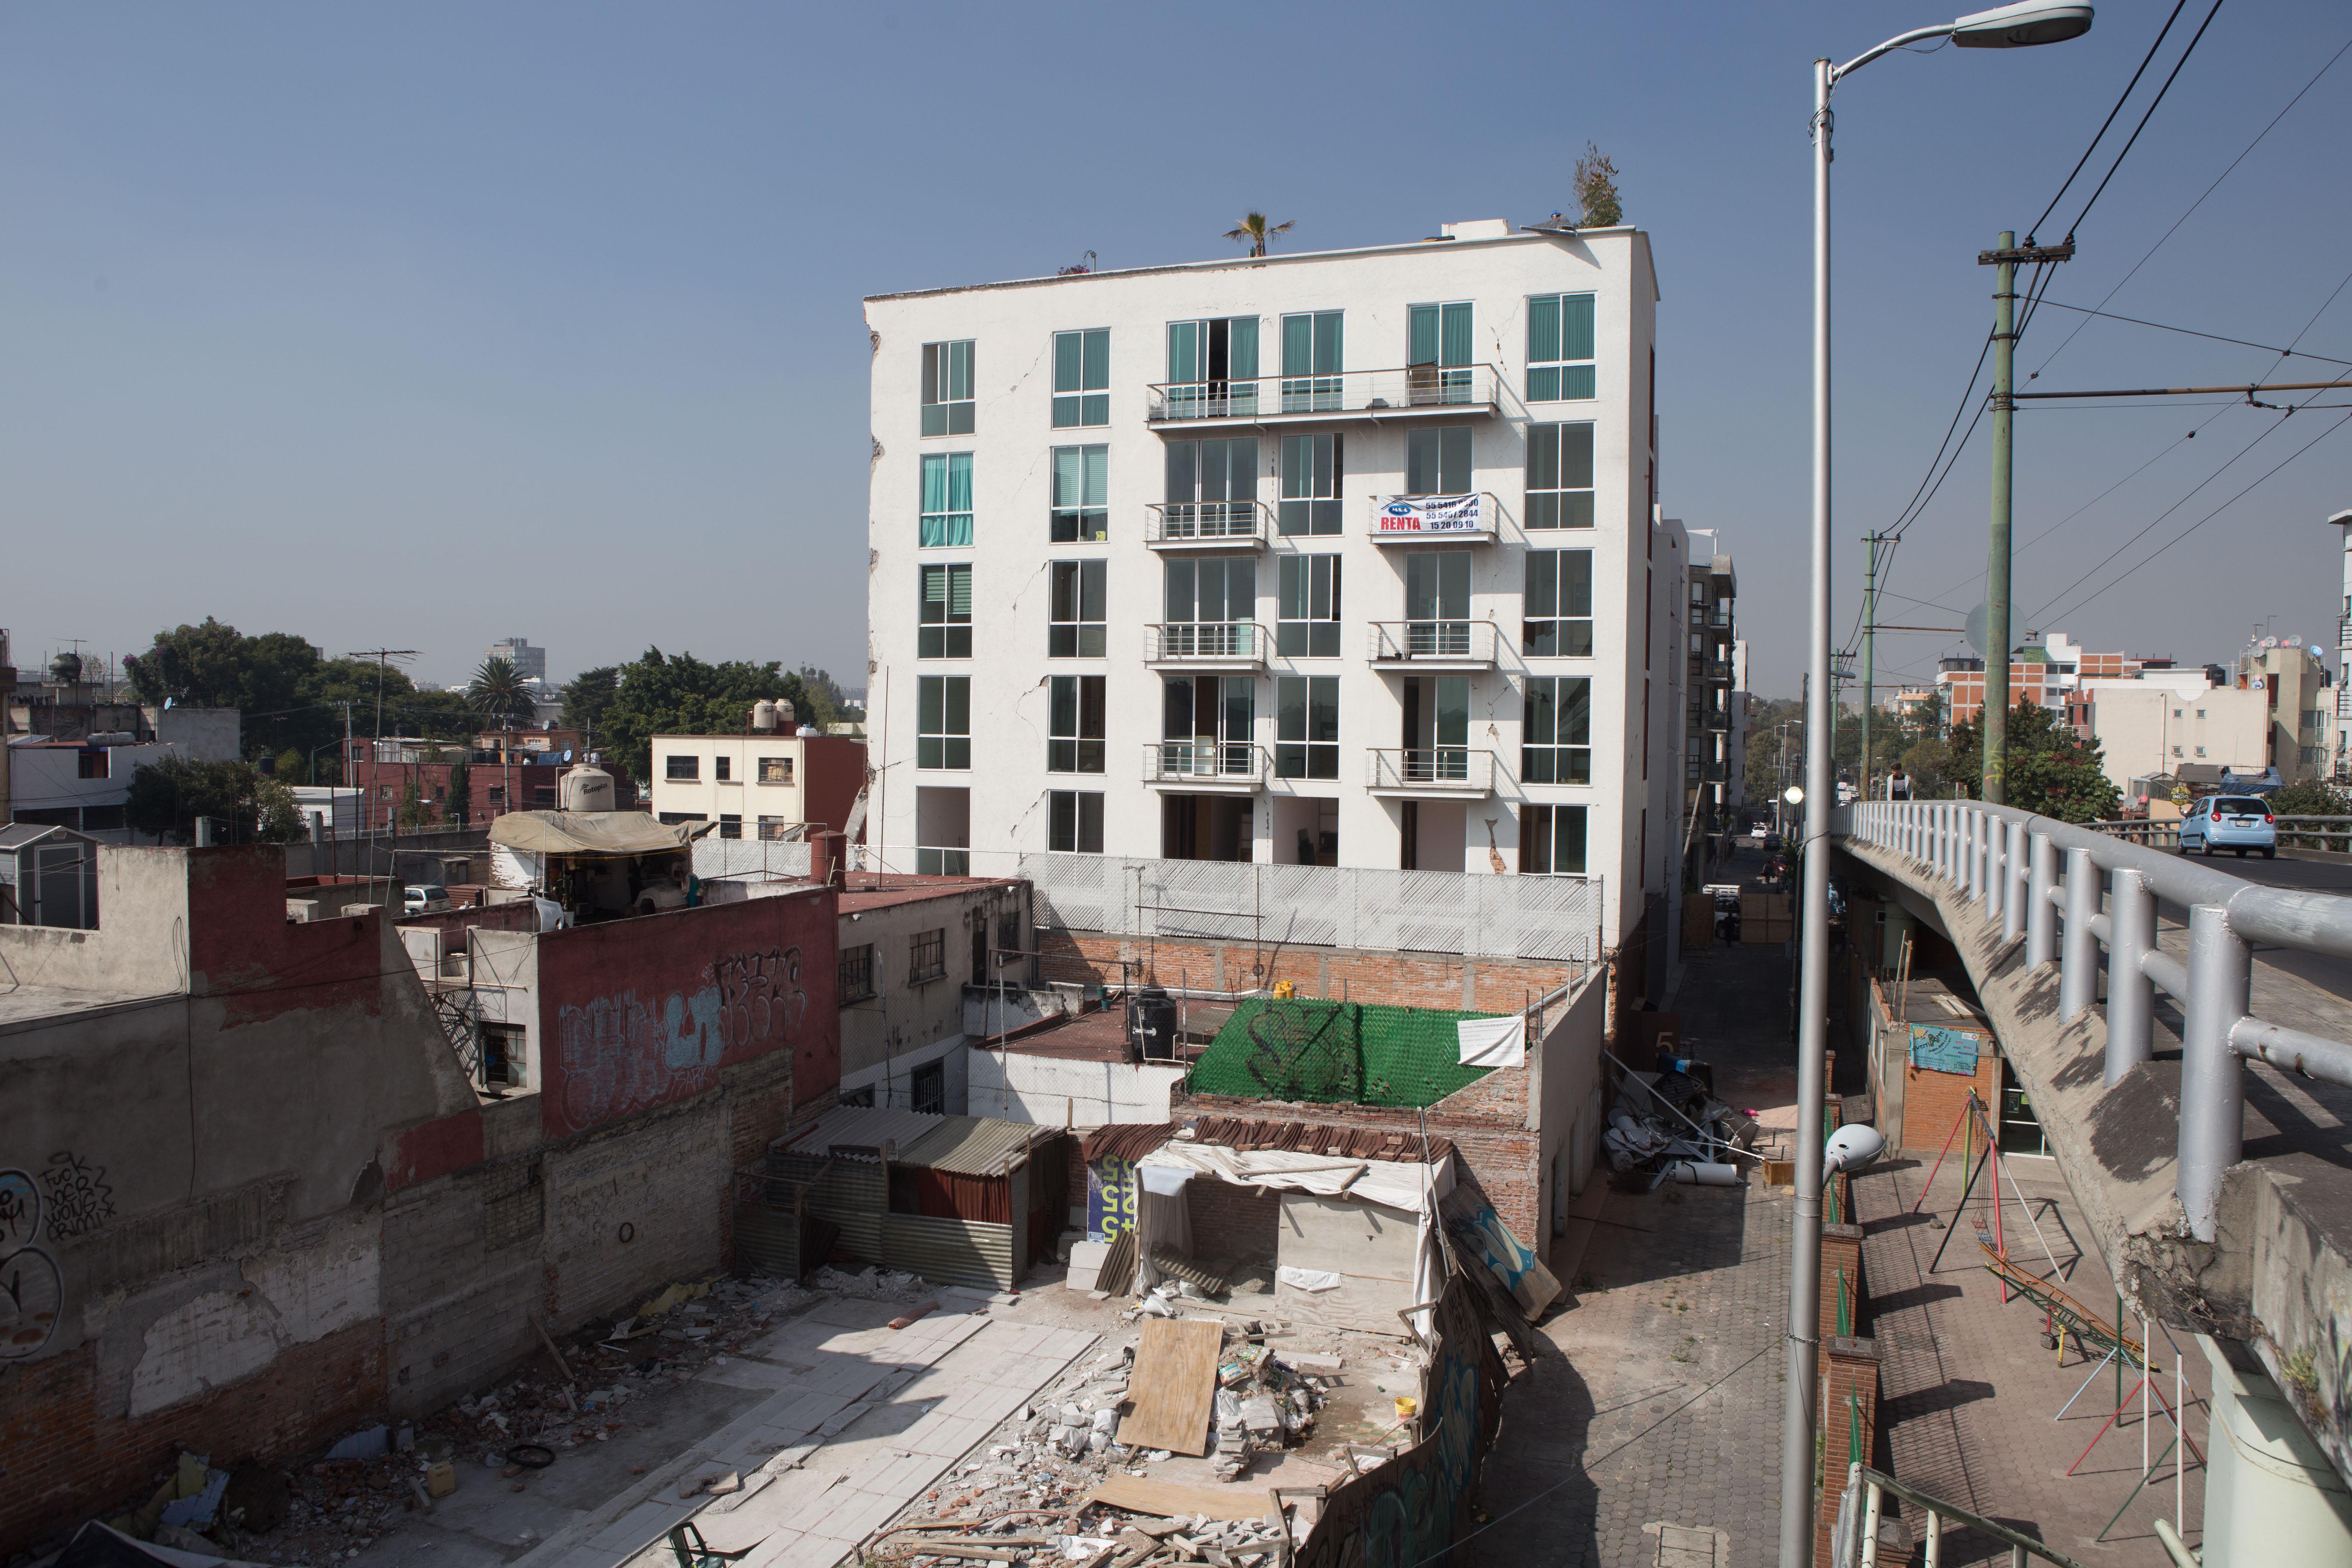 Aseguran a Director de Obra de edificio derrumbado en Zapata 56